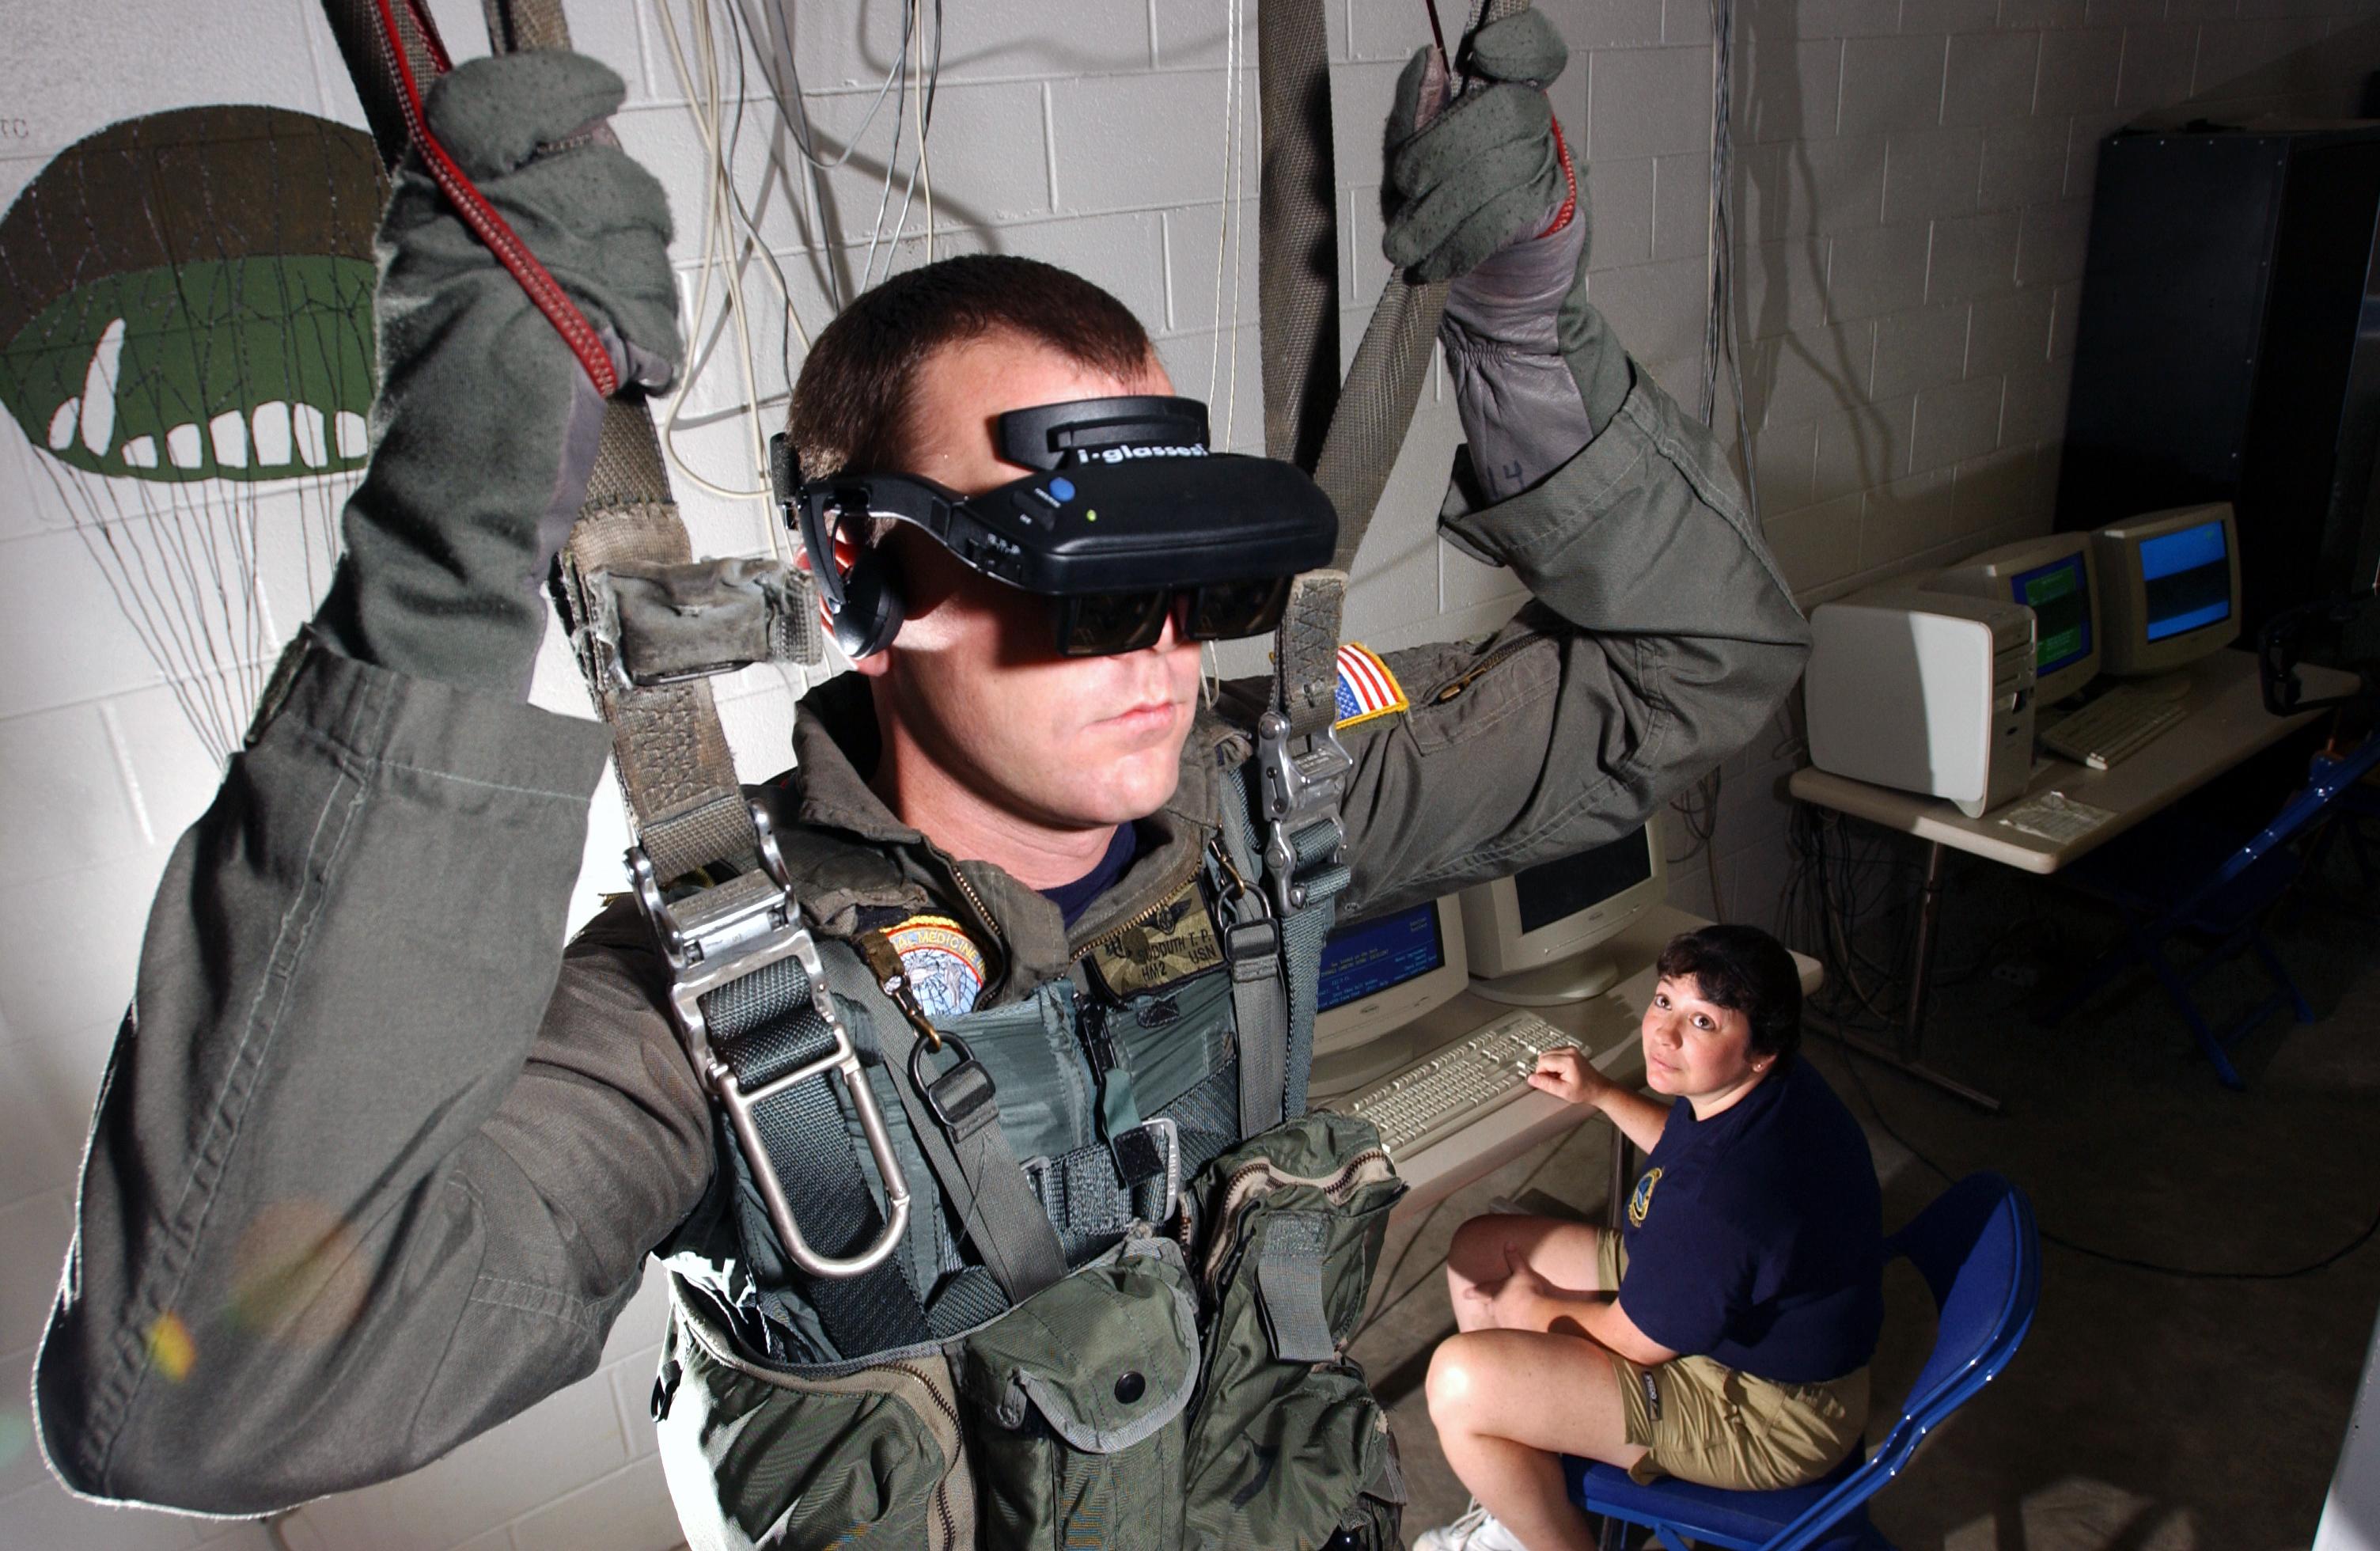 Réalité virtuelle & augmentée image